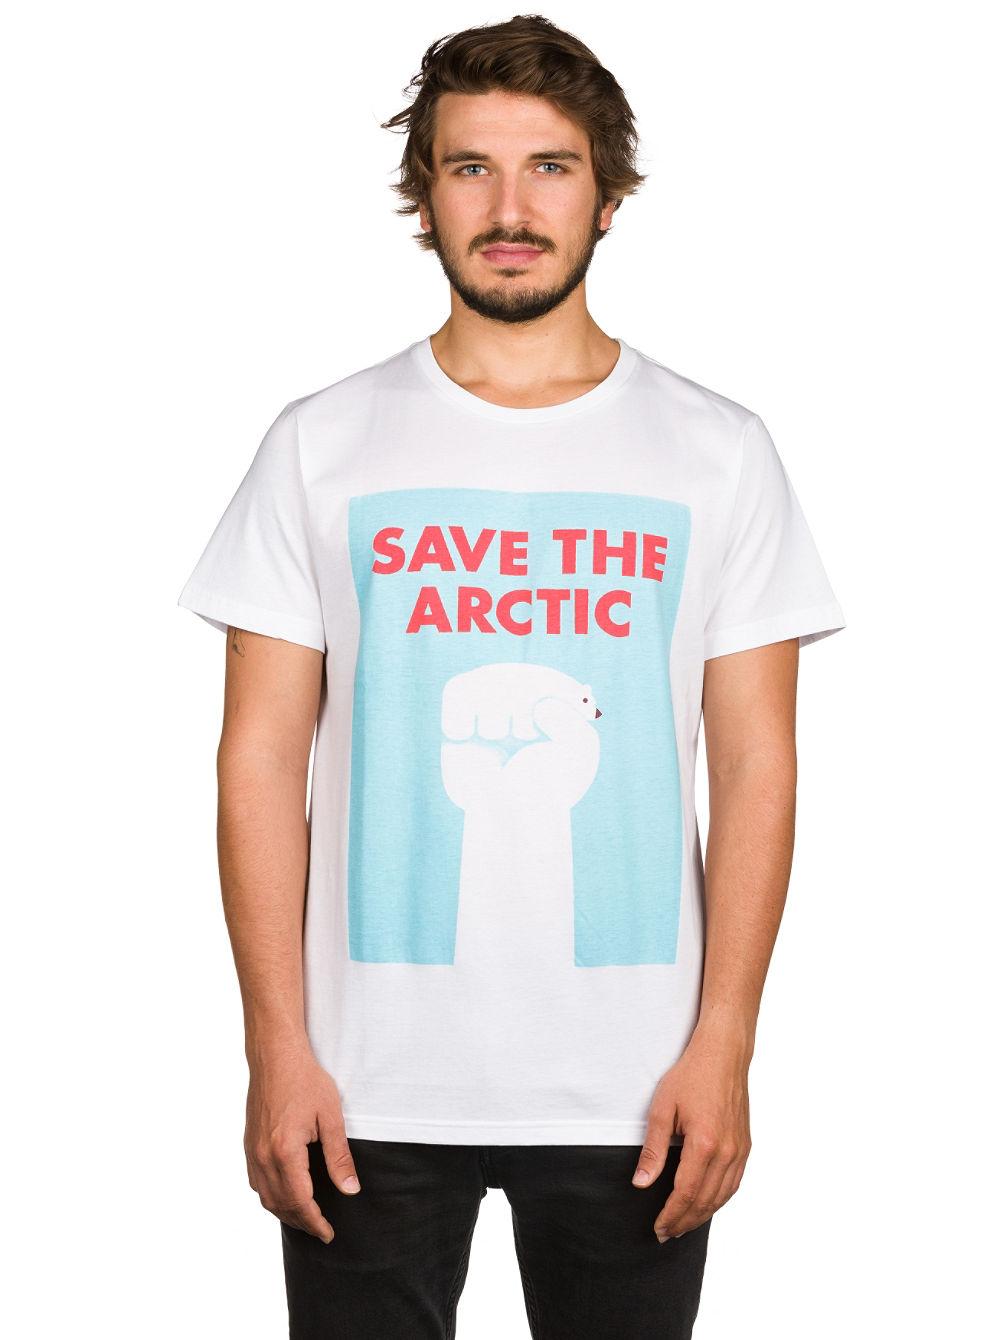 Artikel klicken und genauer betrachten! - Ein Shirt mit einem richtig gutem Statement! Save the Arctic!FeaturesFairtradeLabel Flag an der SeiteDesign vom italienischen Zeichner und Designer Mauro Gatti   im Online Shop kaufen